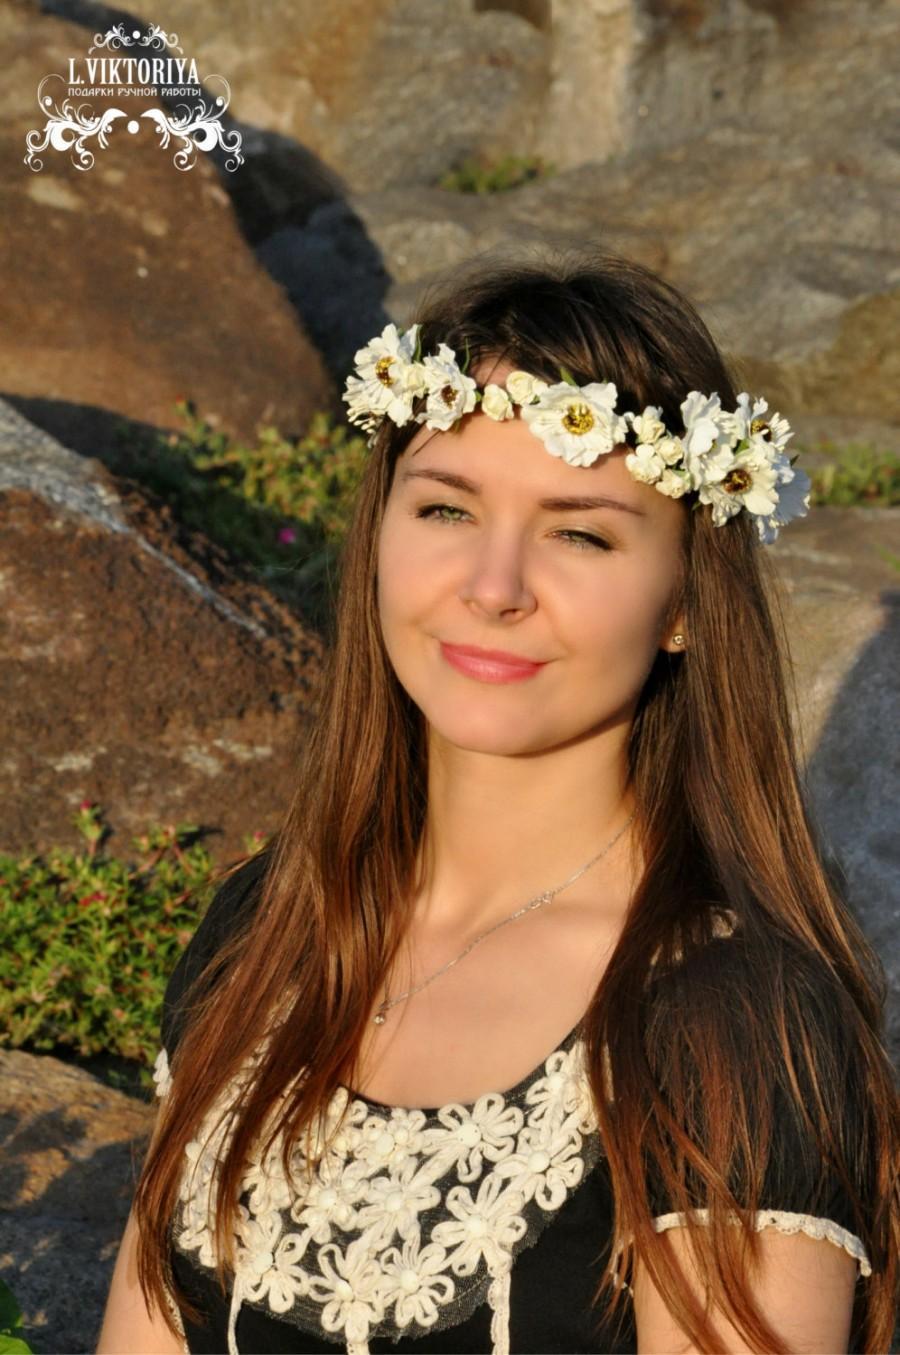 Mariage - Wedding flower crown Rustic flower crown White floral crown Flower hair wreath  Bridal floral crown Flower halo Rustic crown headpiece LV12